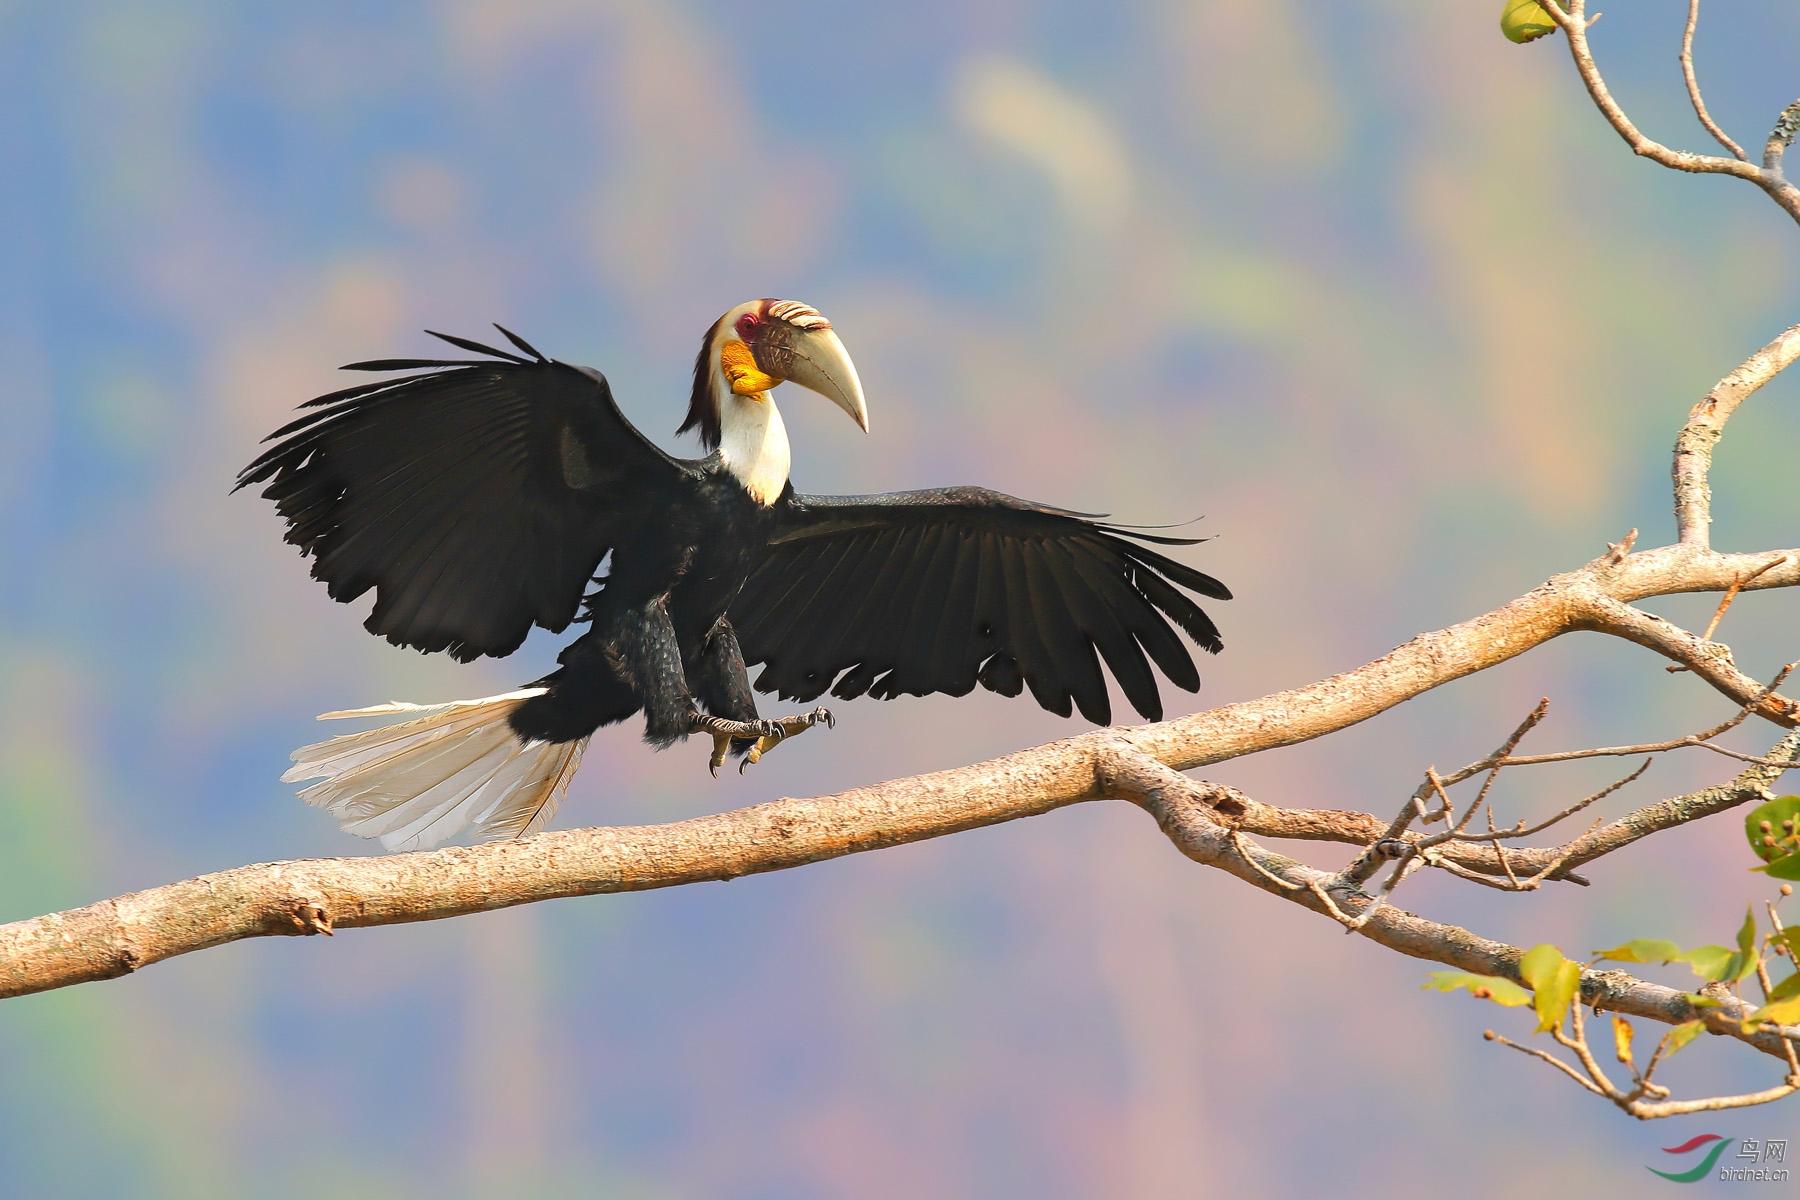 花冠皱盔犀鸟.jpg